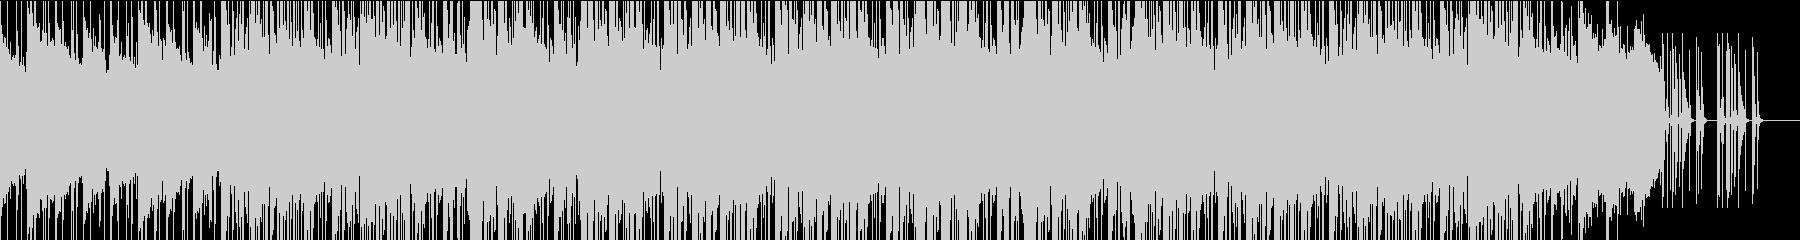 【高クオリティ】クールなドラムとピアノ!の未再生の波形